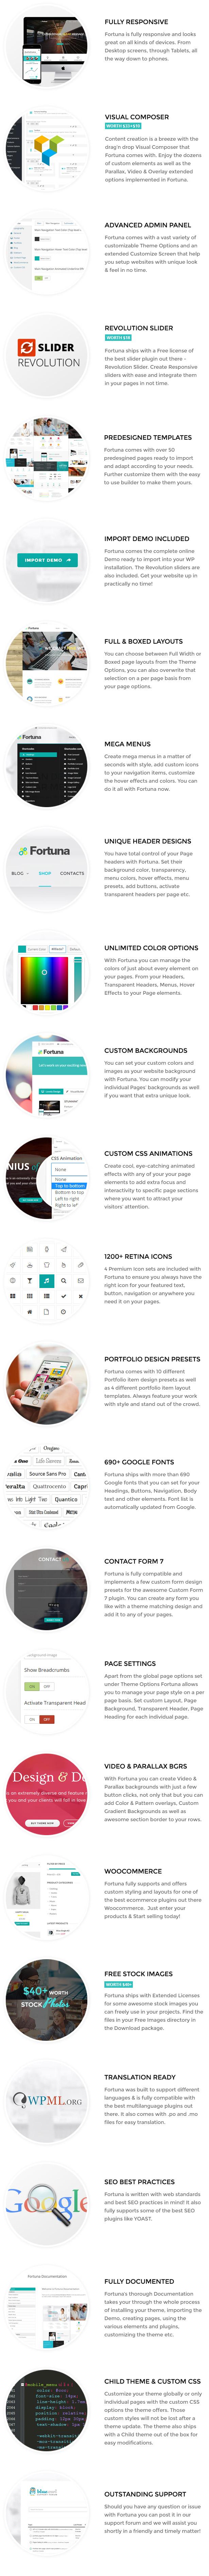 fortuna_features_round2.jpg